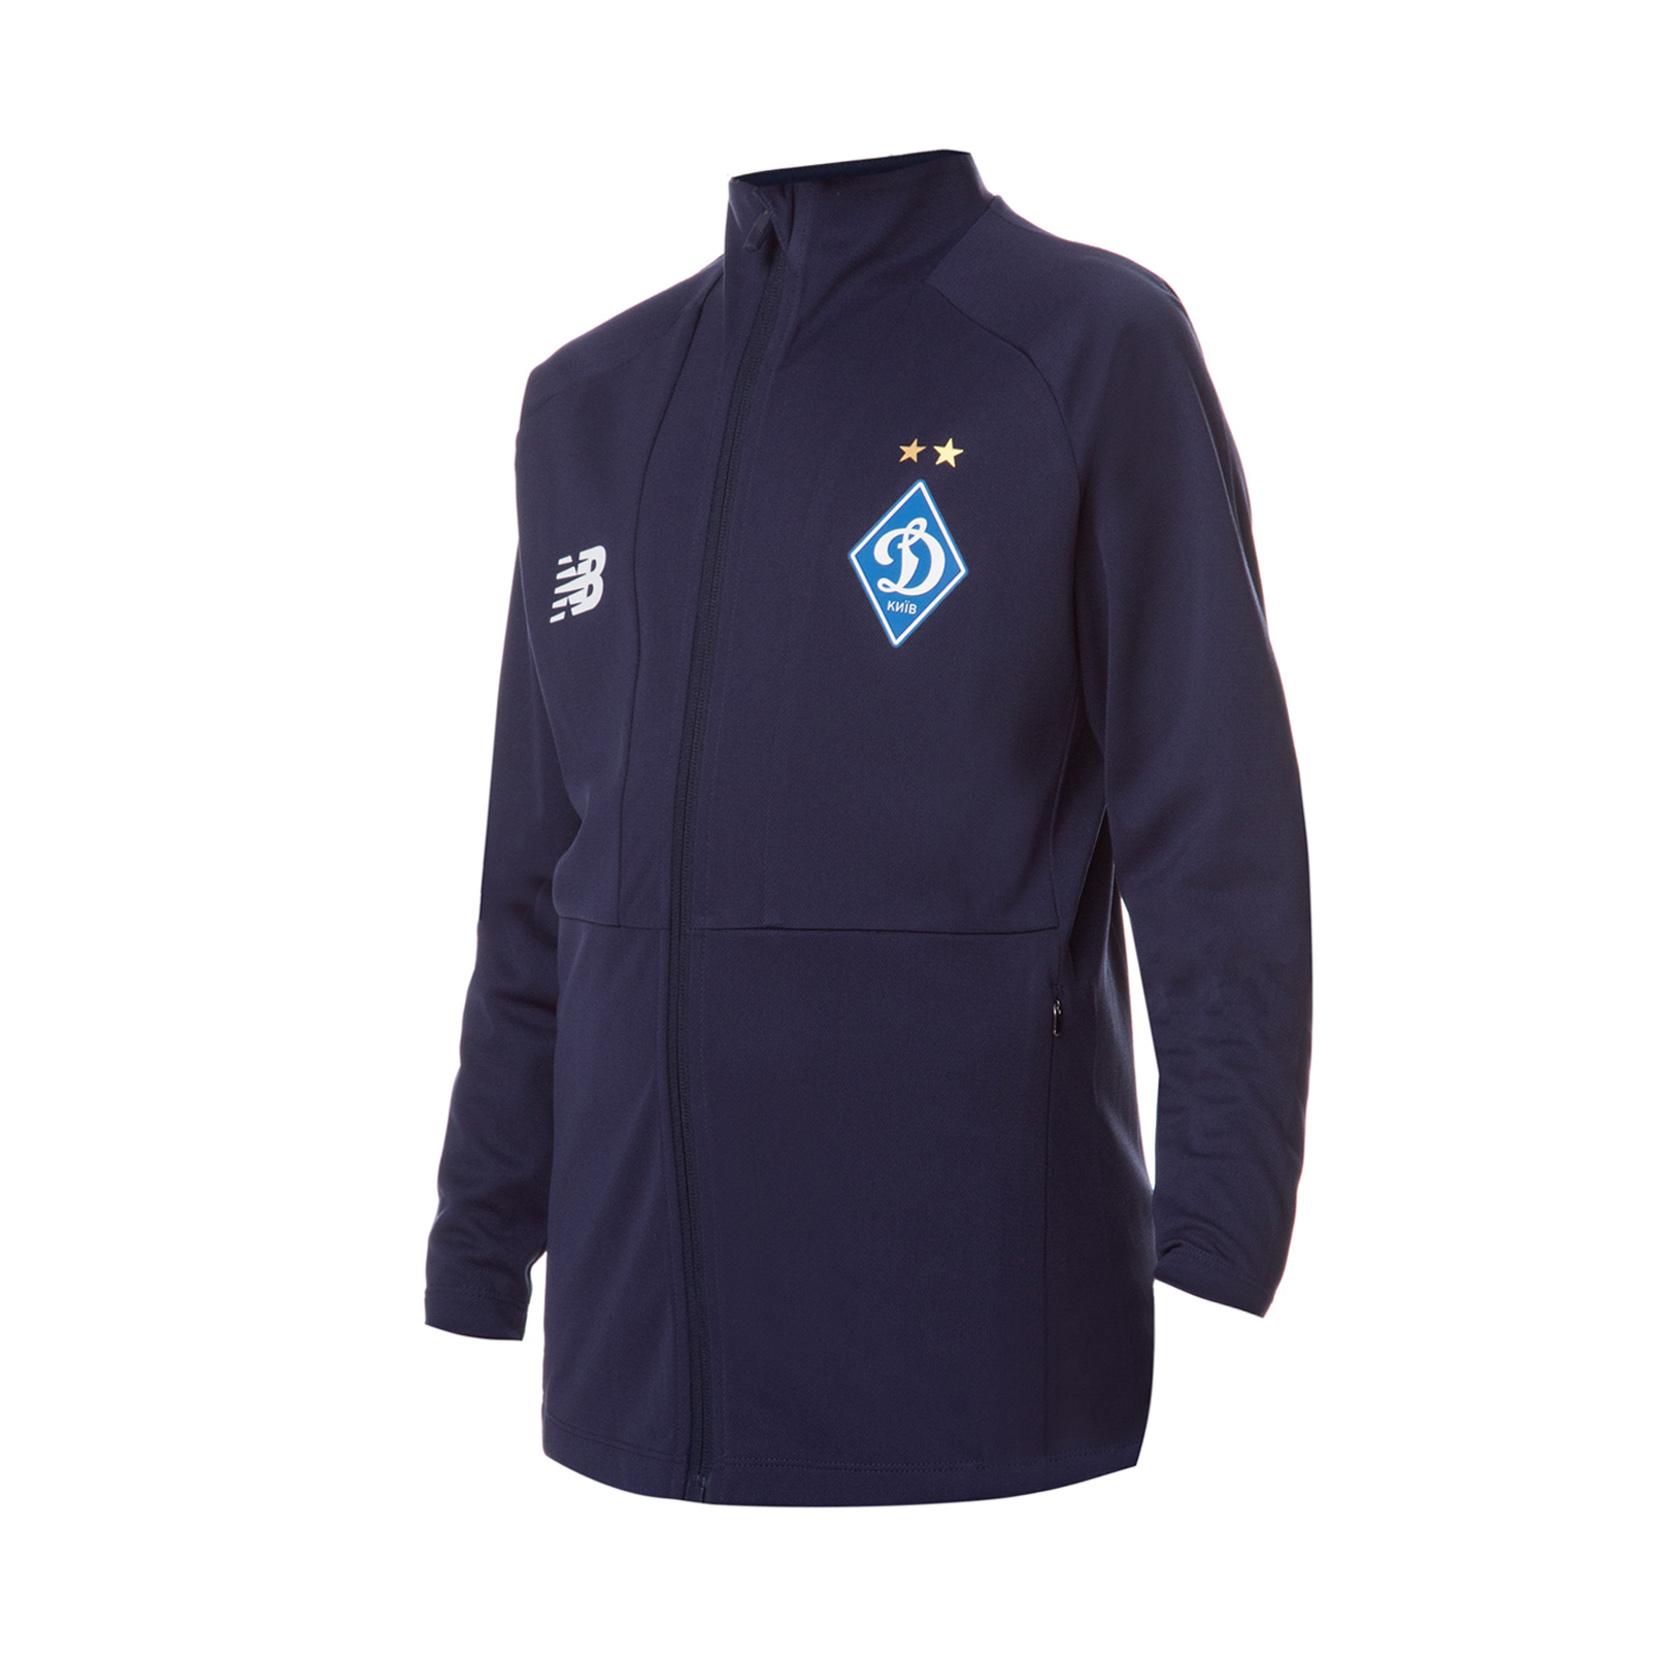 Куртка спортивна тренувальна юнацька ФК «Динамо» Київ для дітей JJ931521NV | New Balance